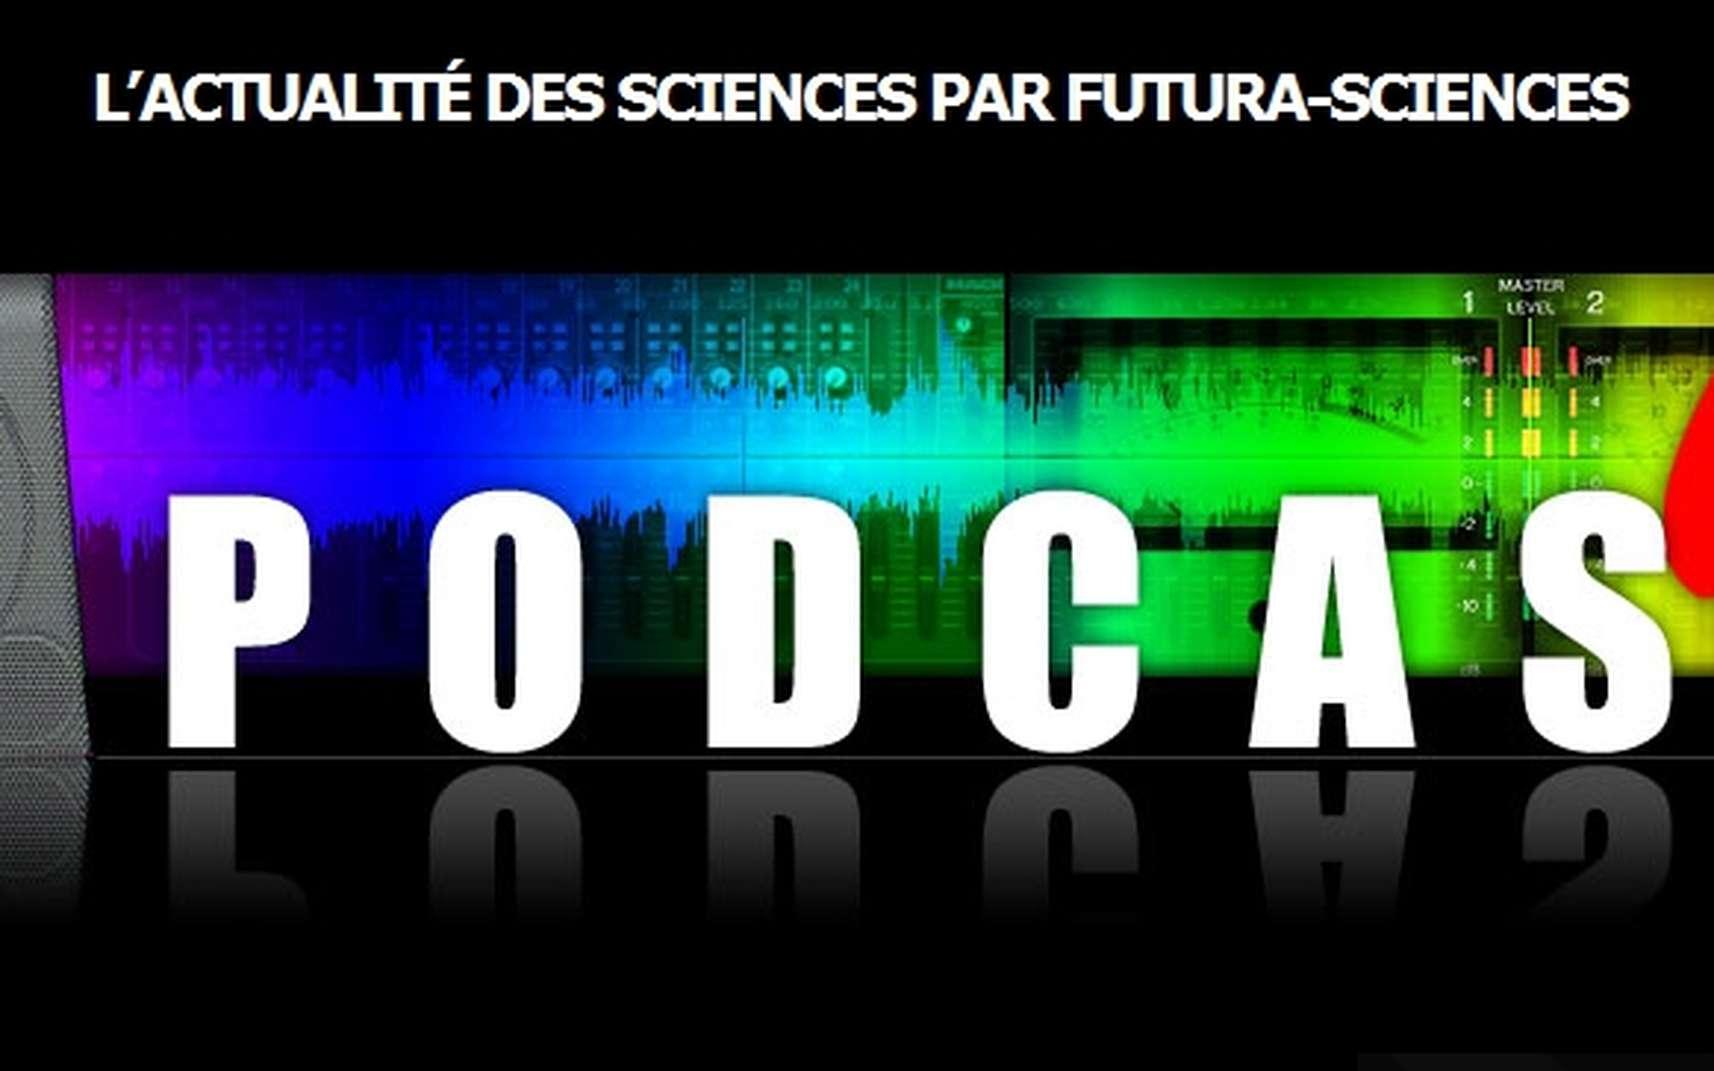 Une sélection hebdomadaire des actualités de Futura-Sciences en bonne voix ! © Futura-Sciences